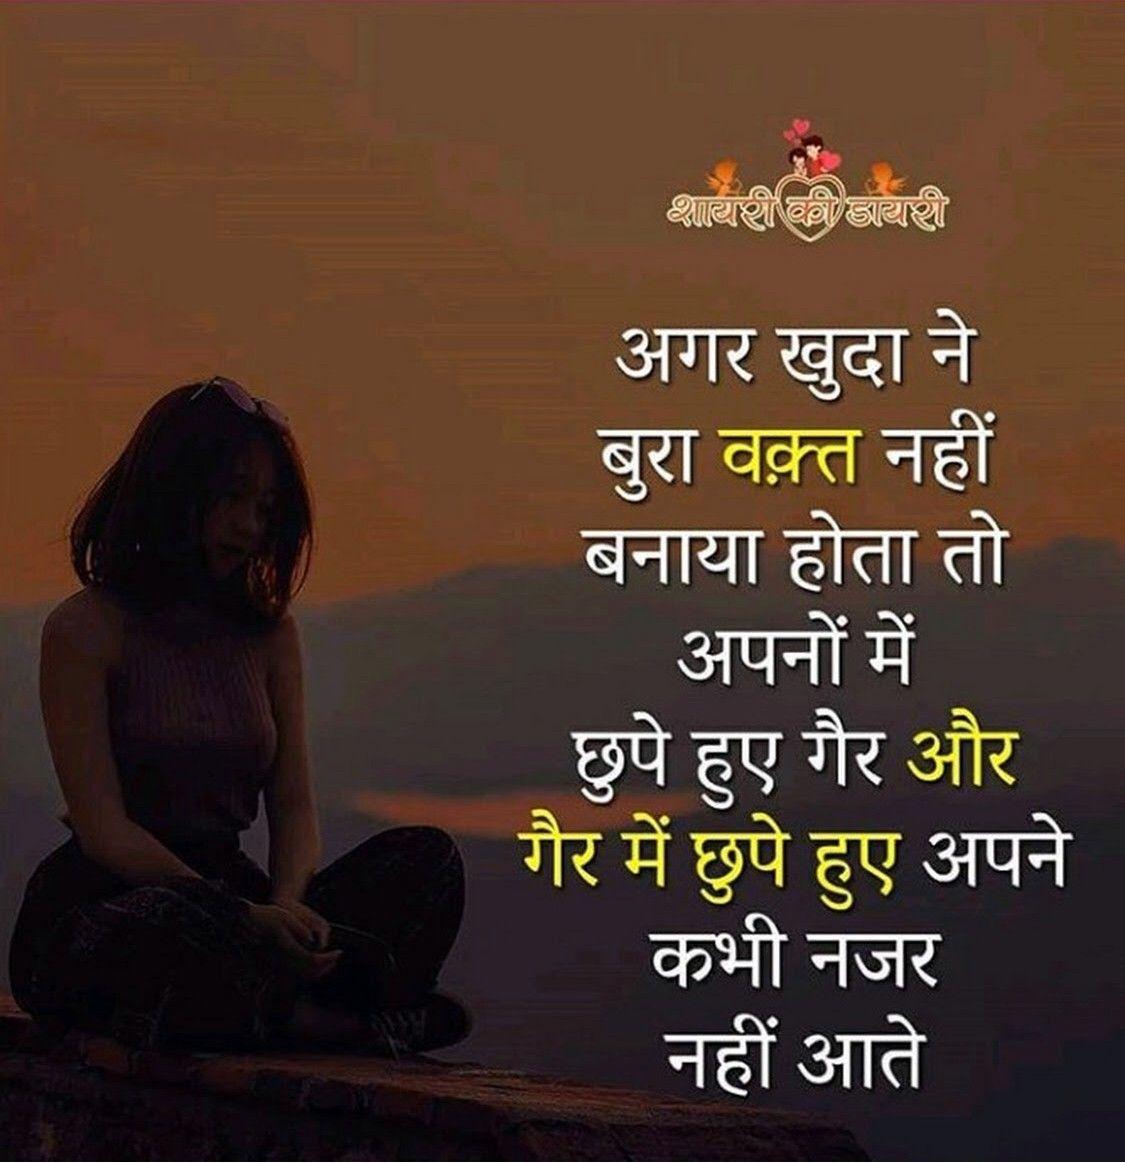 Health Quote In Hindi Retro Future